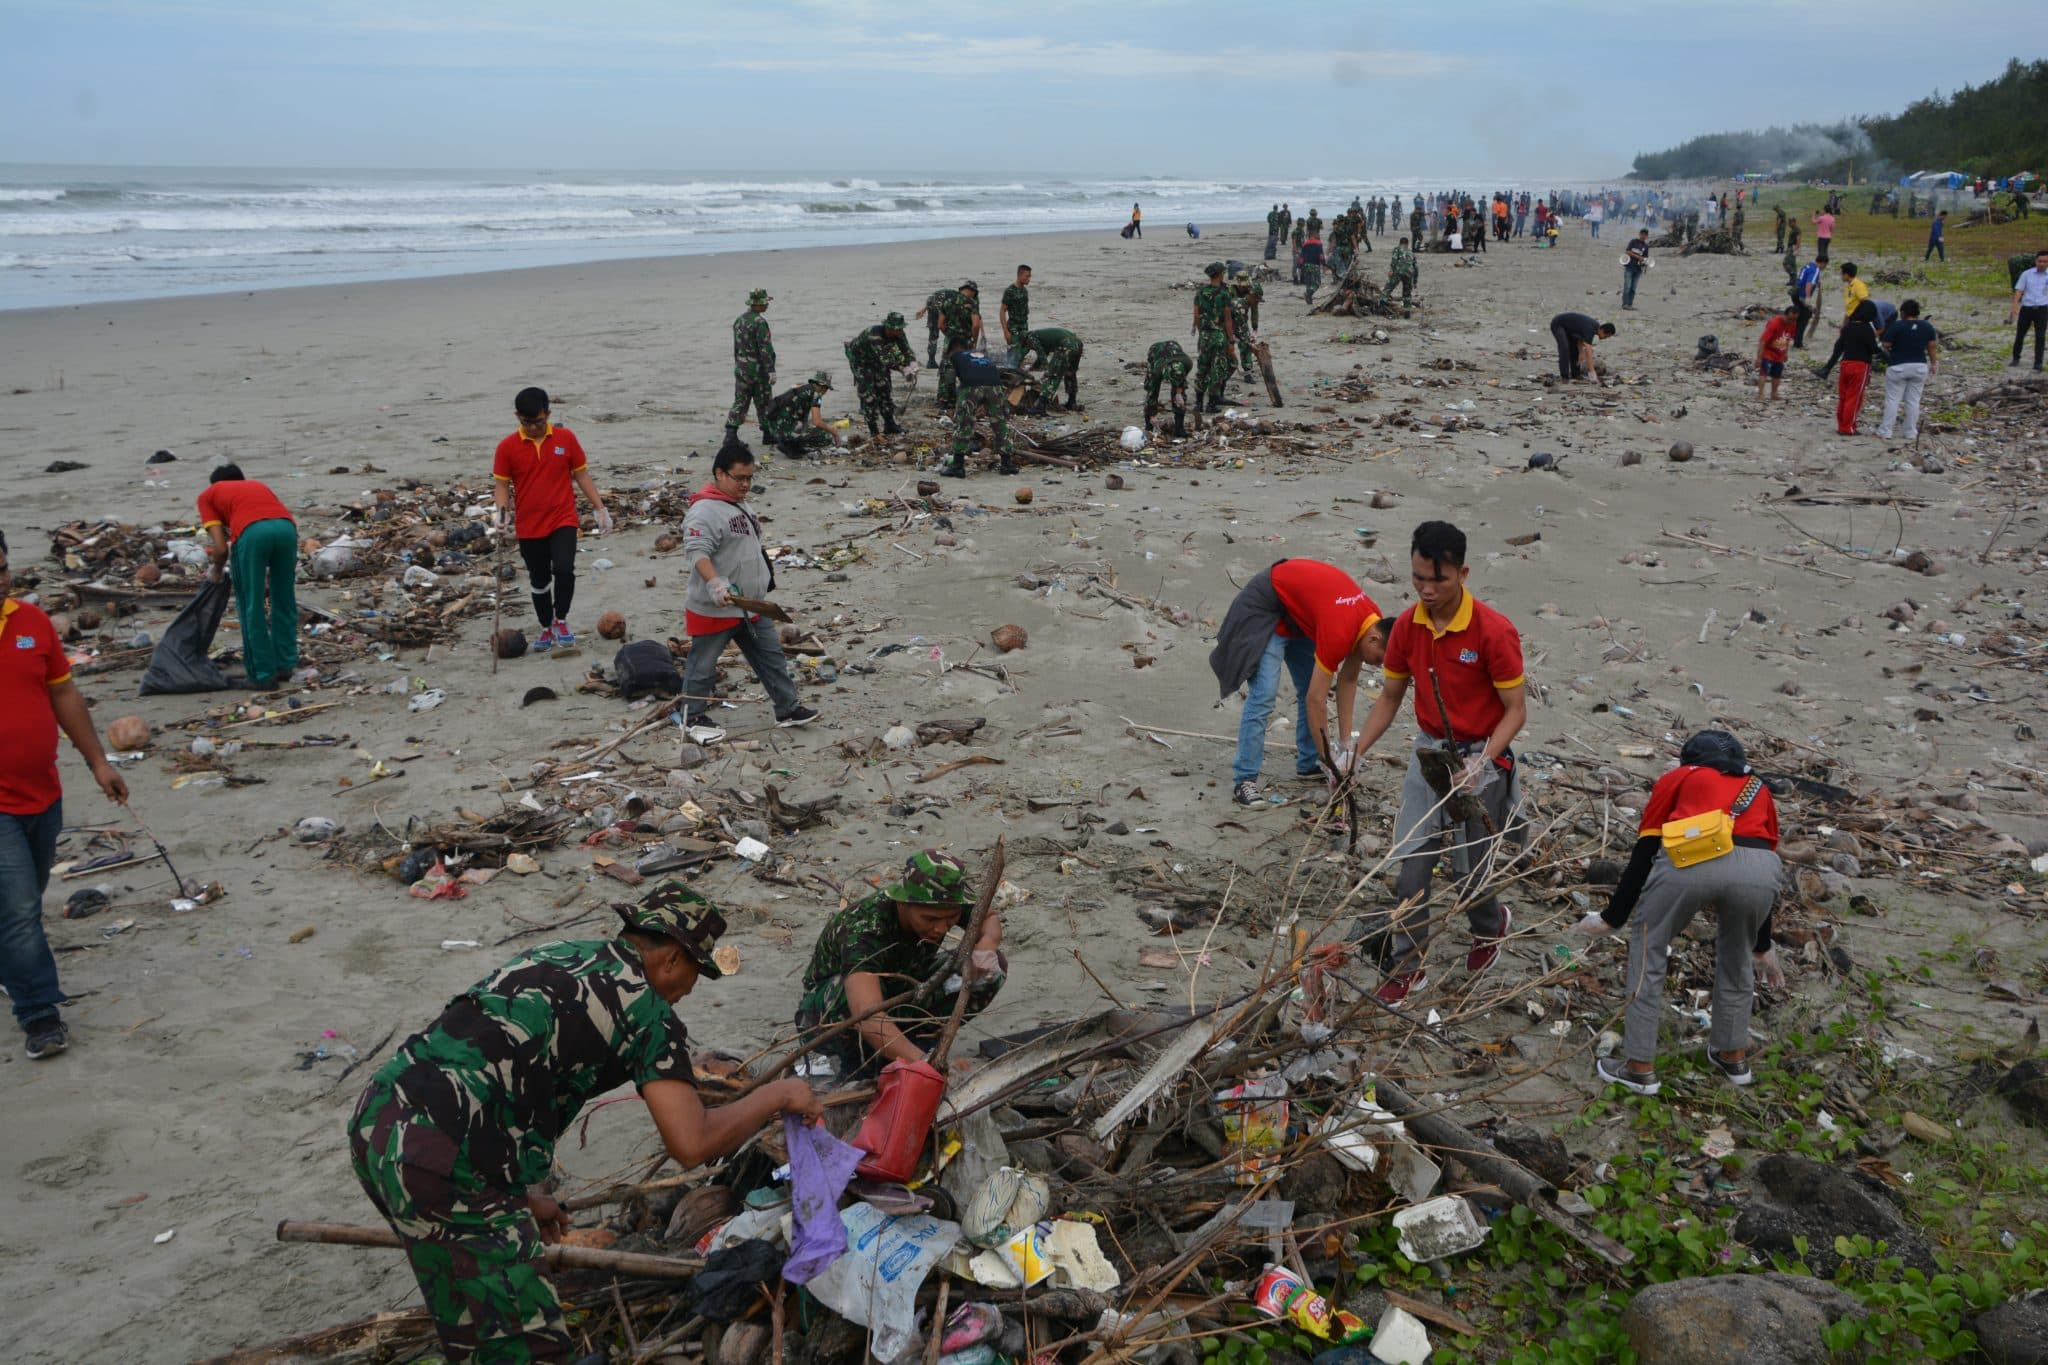 Wujudkan Lingkungan Sehat, Korem 041/Gamas Gelar Bersih-Bersih Pantai